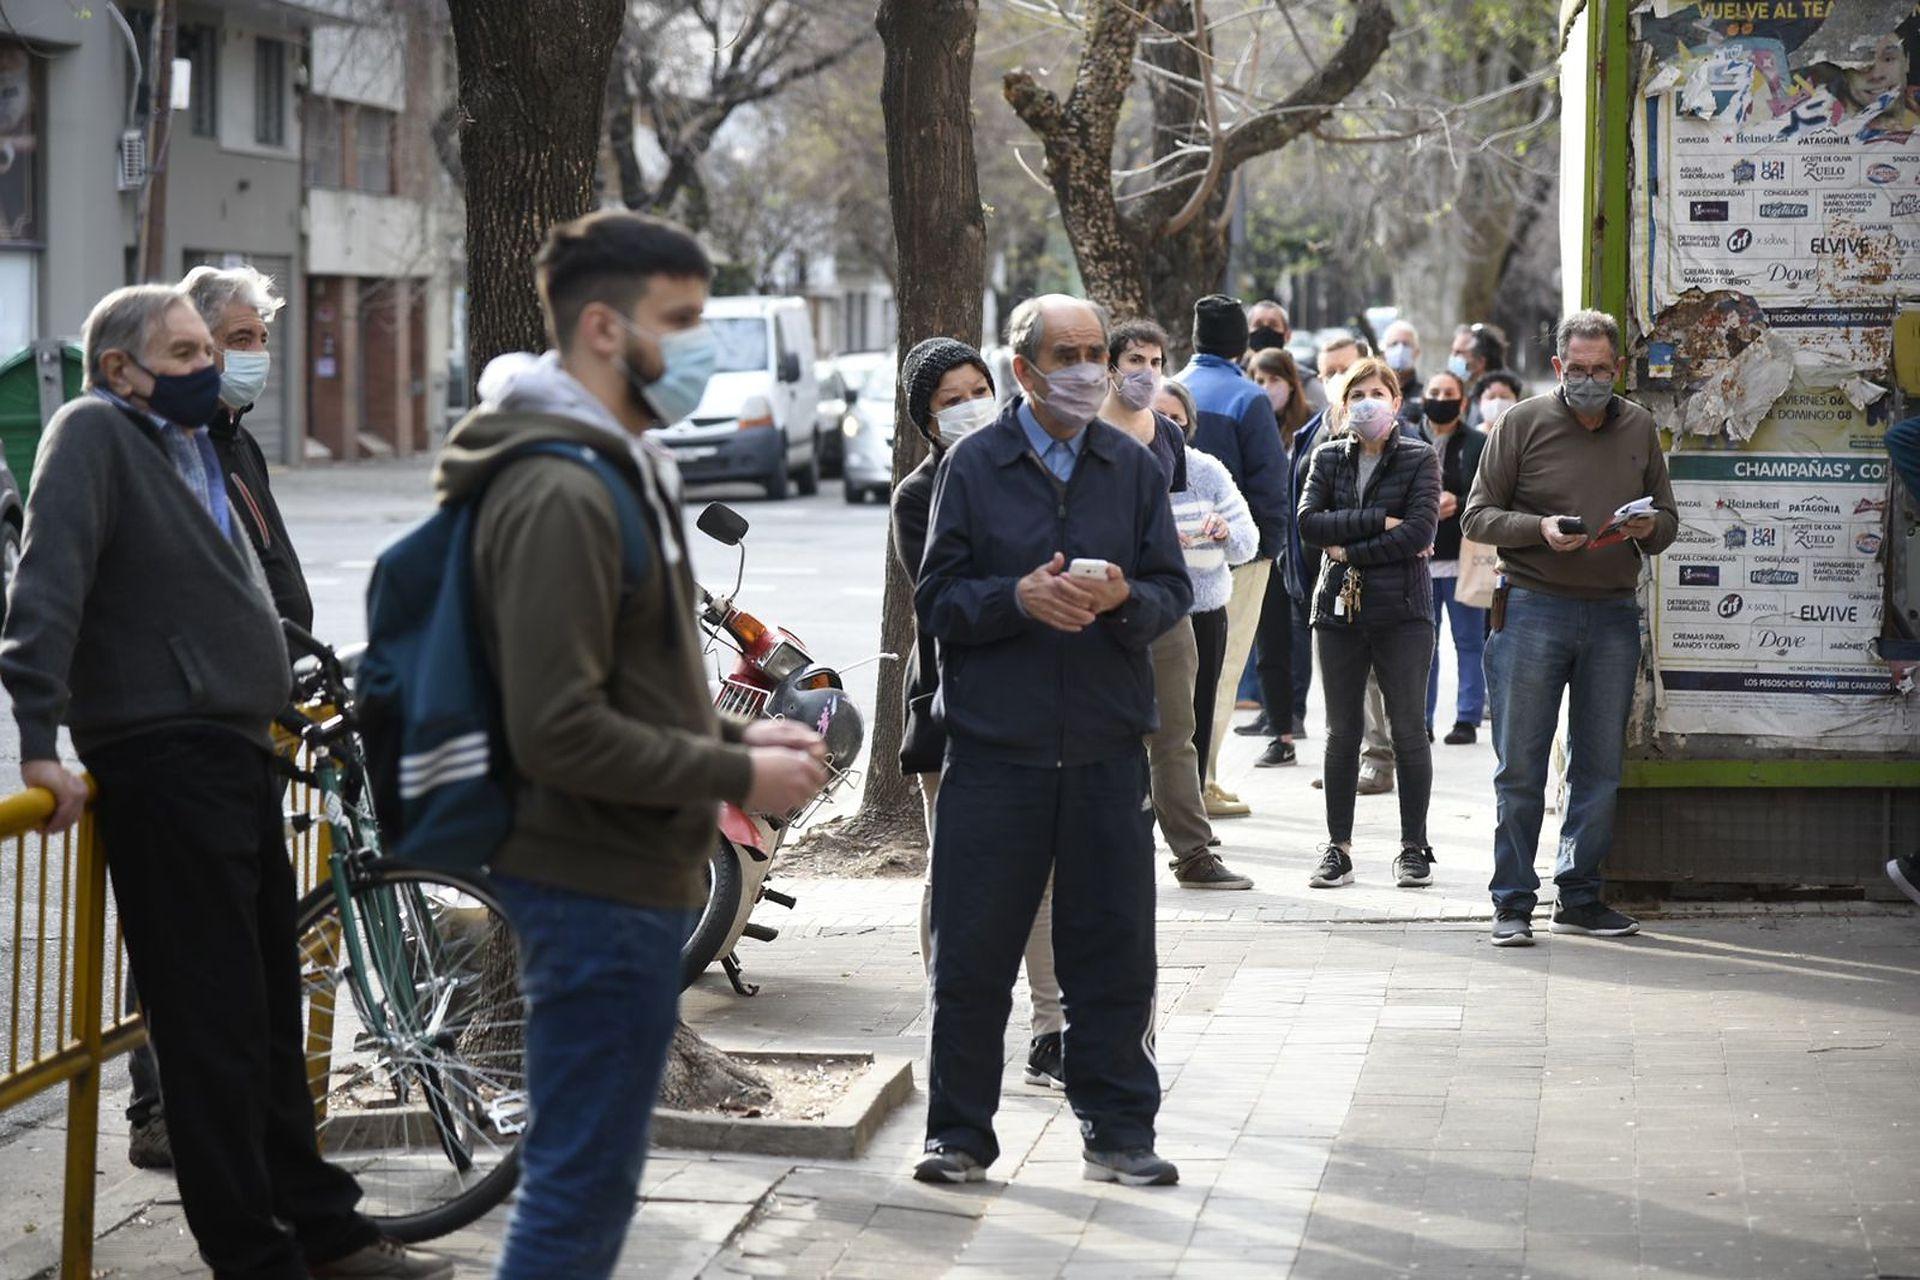 Largas colas en el Instituto de la Sagrada familia en Rosario porque no habían llegado los boxes para poder votar con la boleta única, también faltaban autoridades de mesa